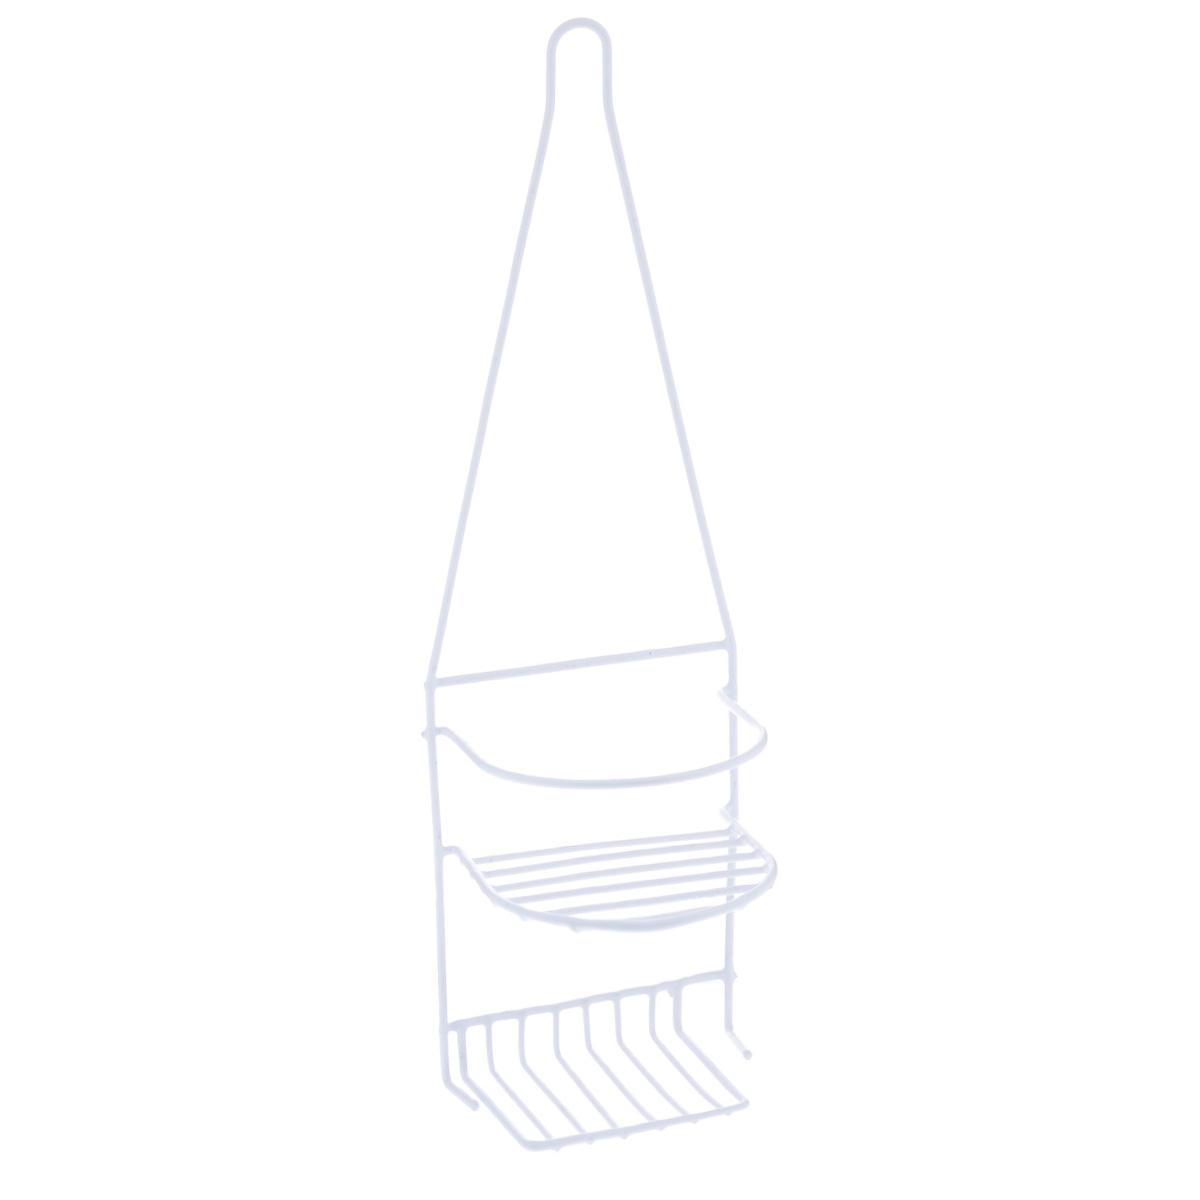 Полка Доляна, 2-х ярусная, цвет: белый, высота 44 см. 852958852958Полка Доляна выполнена из высококачественного металла и предназначена для хранения вещей в ванной комнате. Полка состоит из 2-х ярусов. Она пригодится для хранения различных предметов, которые всегда будут под рукой. Благодаря компактным размерам полка впишется в интерьер вашего дома и позволит вам удобно и практично хранить предметы домашнего обихода. Удобная и практичная металлическая полочка станет незаменимым аксессуаром в вашем хозяйстве. Высота полки: 44 см. Расстояние между ярусами: 9,5 см. Размер верхнего яруса: 12,5 см х 12,5 см. Размер нижнего яруса: 12,5 см х 8,5 см.